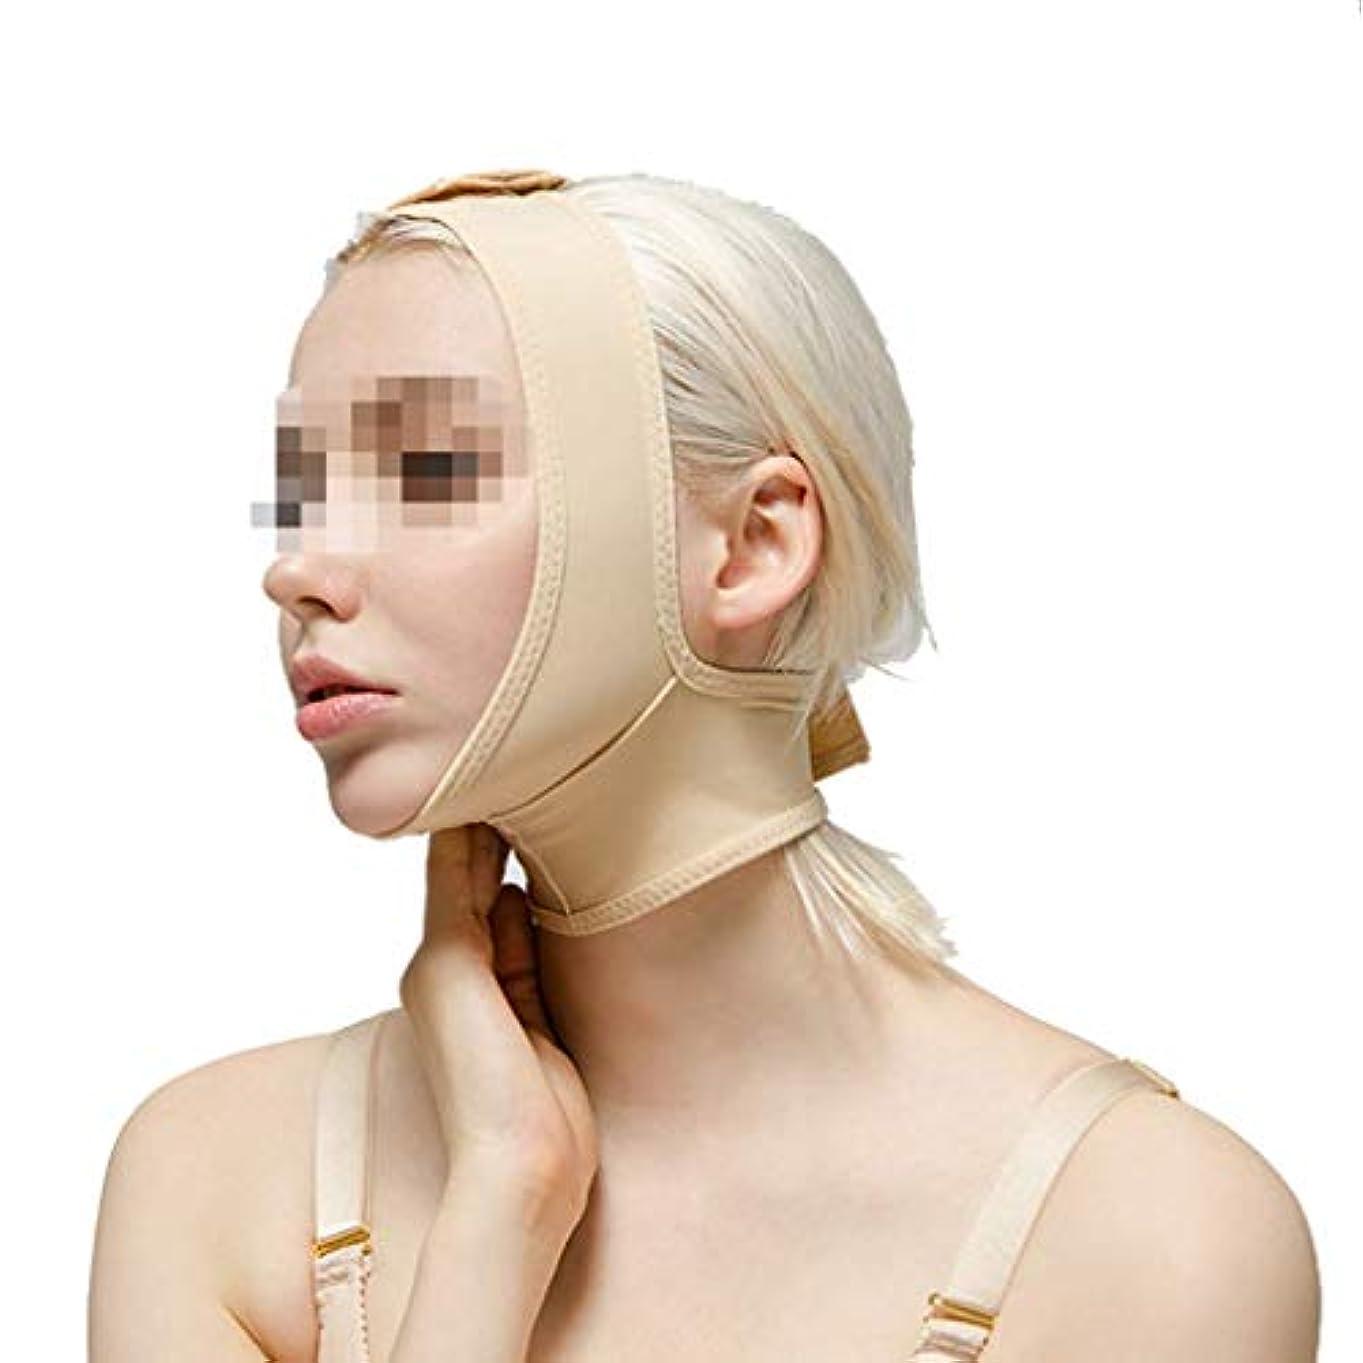 確保する分半球術後伸縮性スリーブ、下顎束フェイスバンデージフェイシャルビームダブルチンシンフェイスマスクマルチサイズオプション(サイズ:L),M